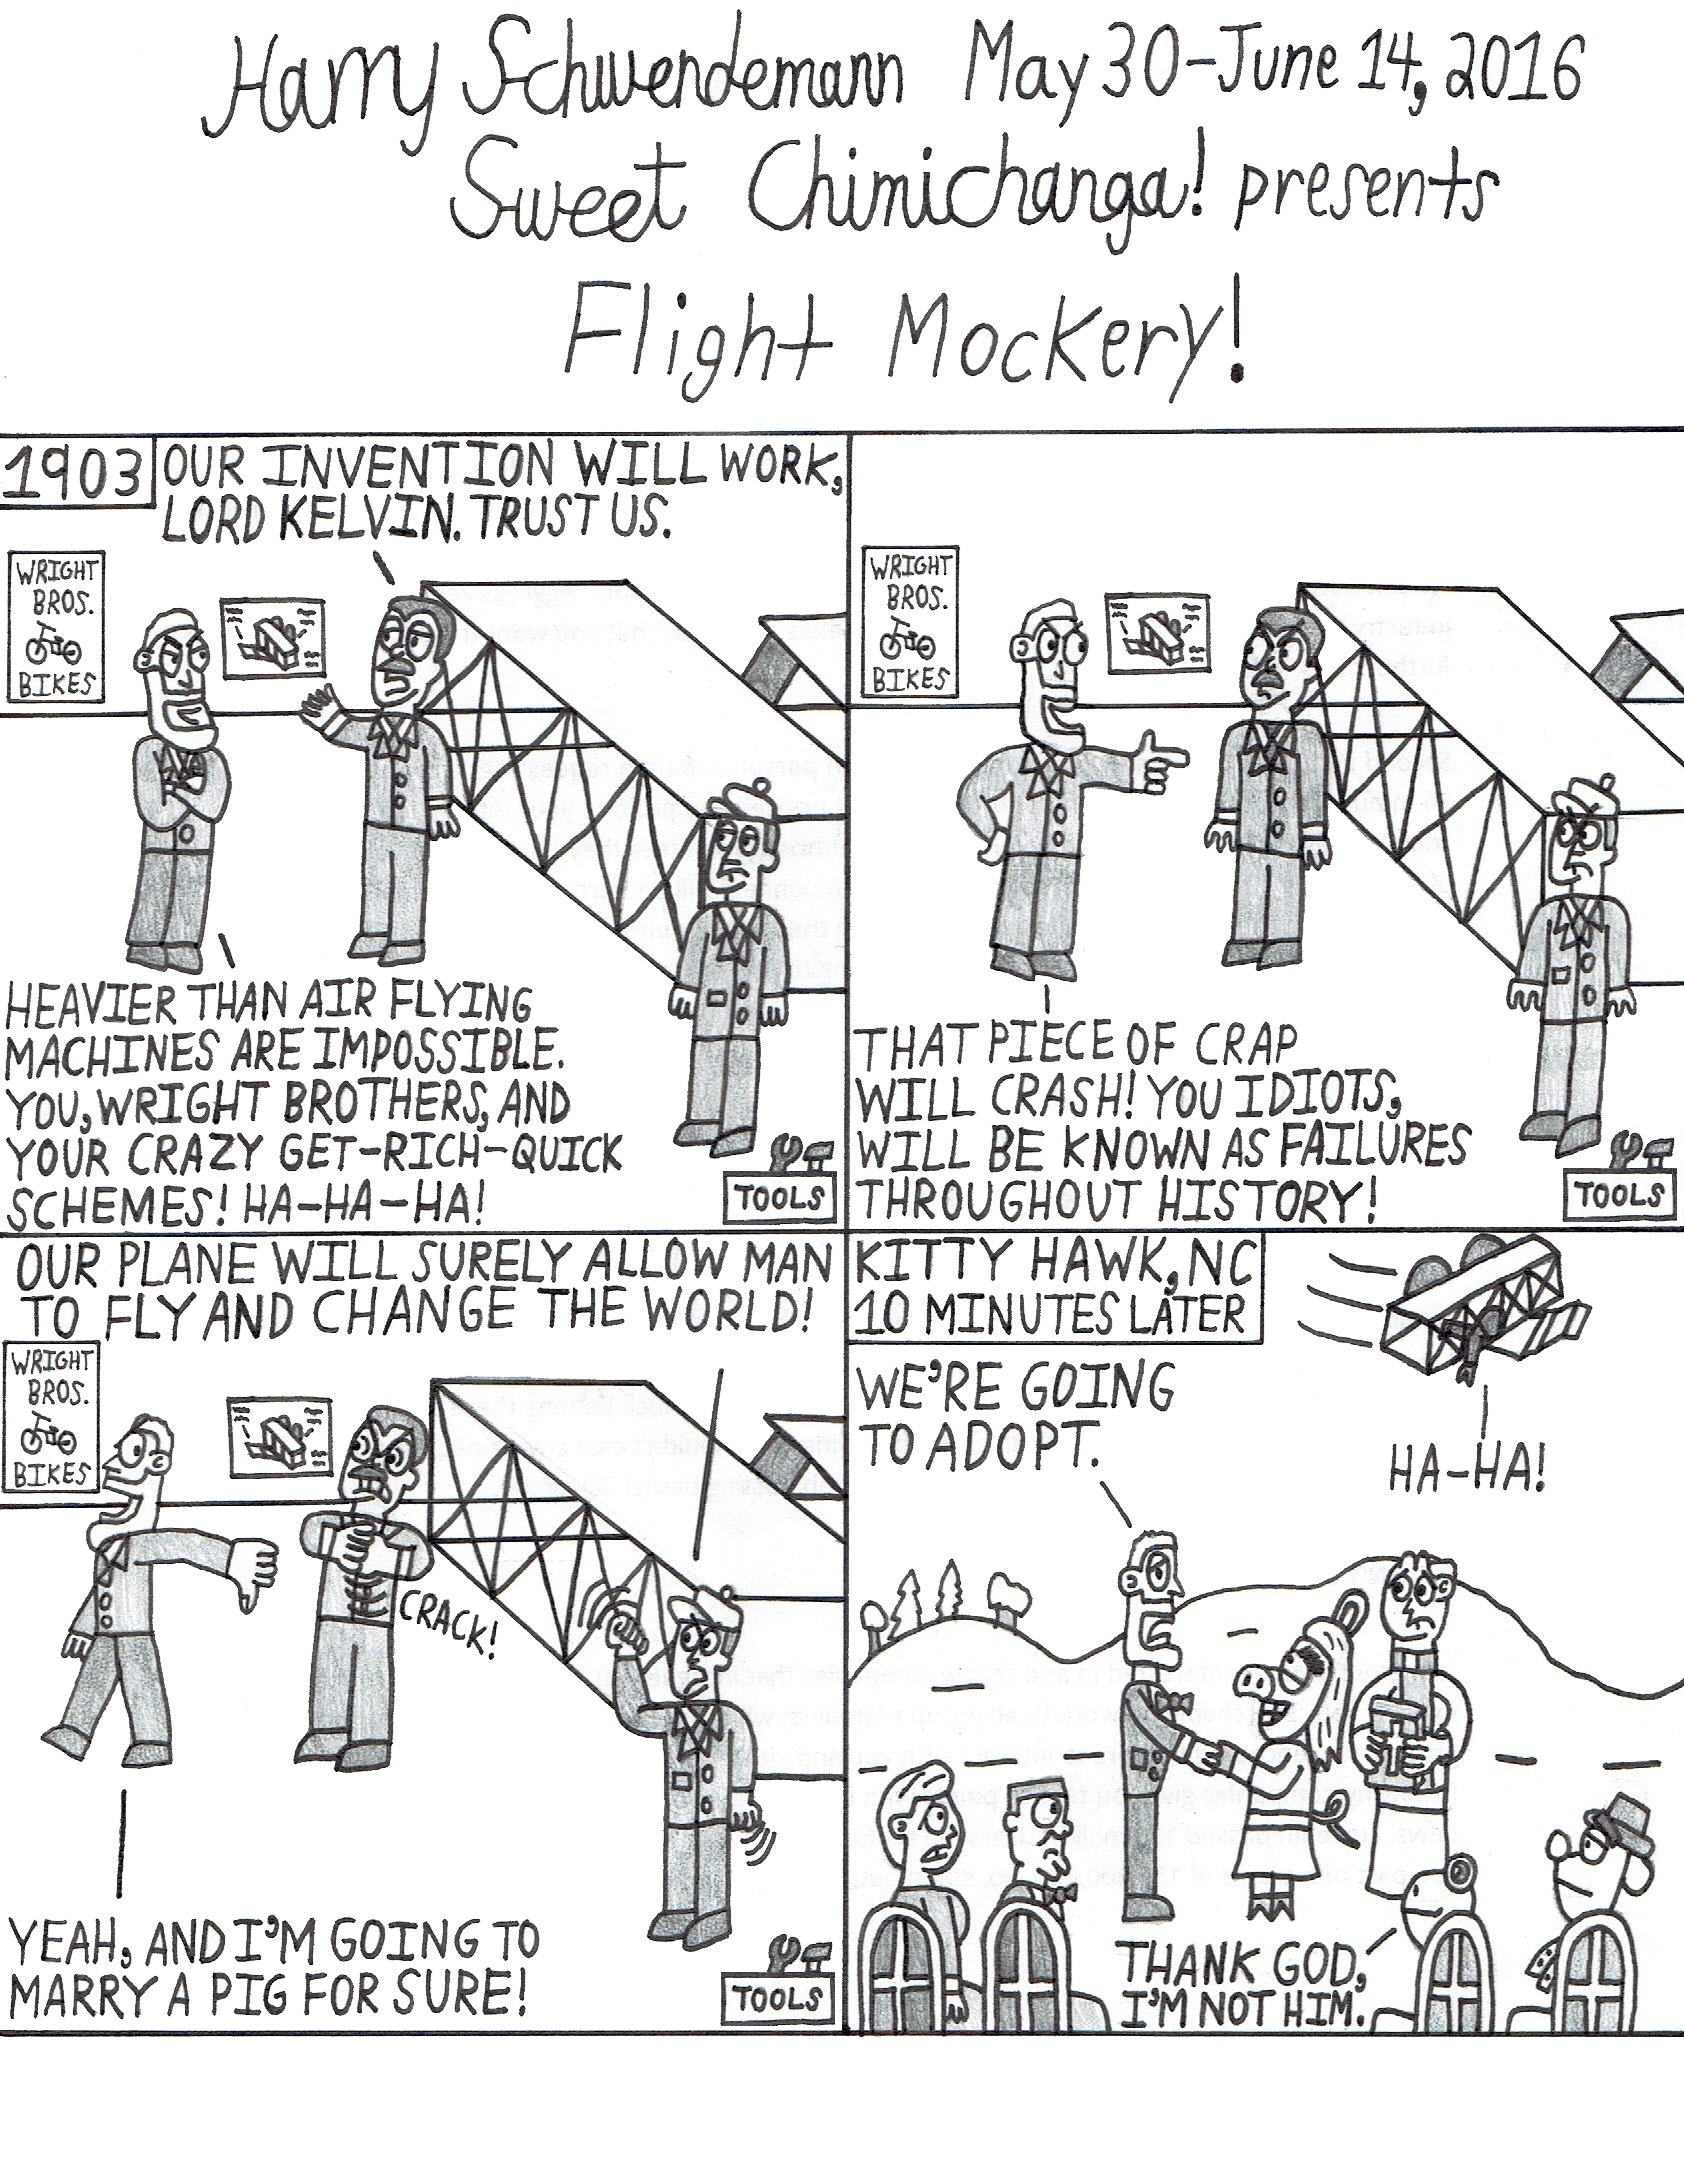 Flight Mockery!